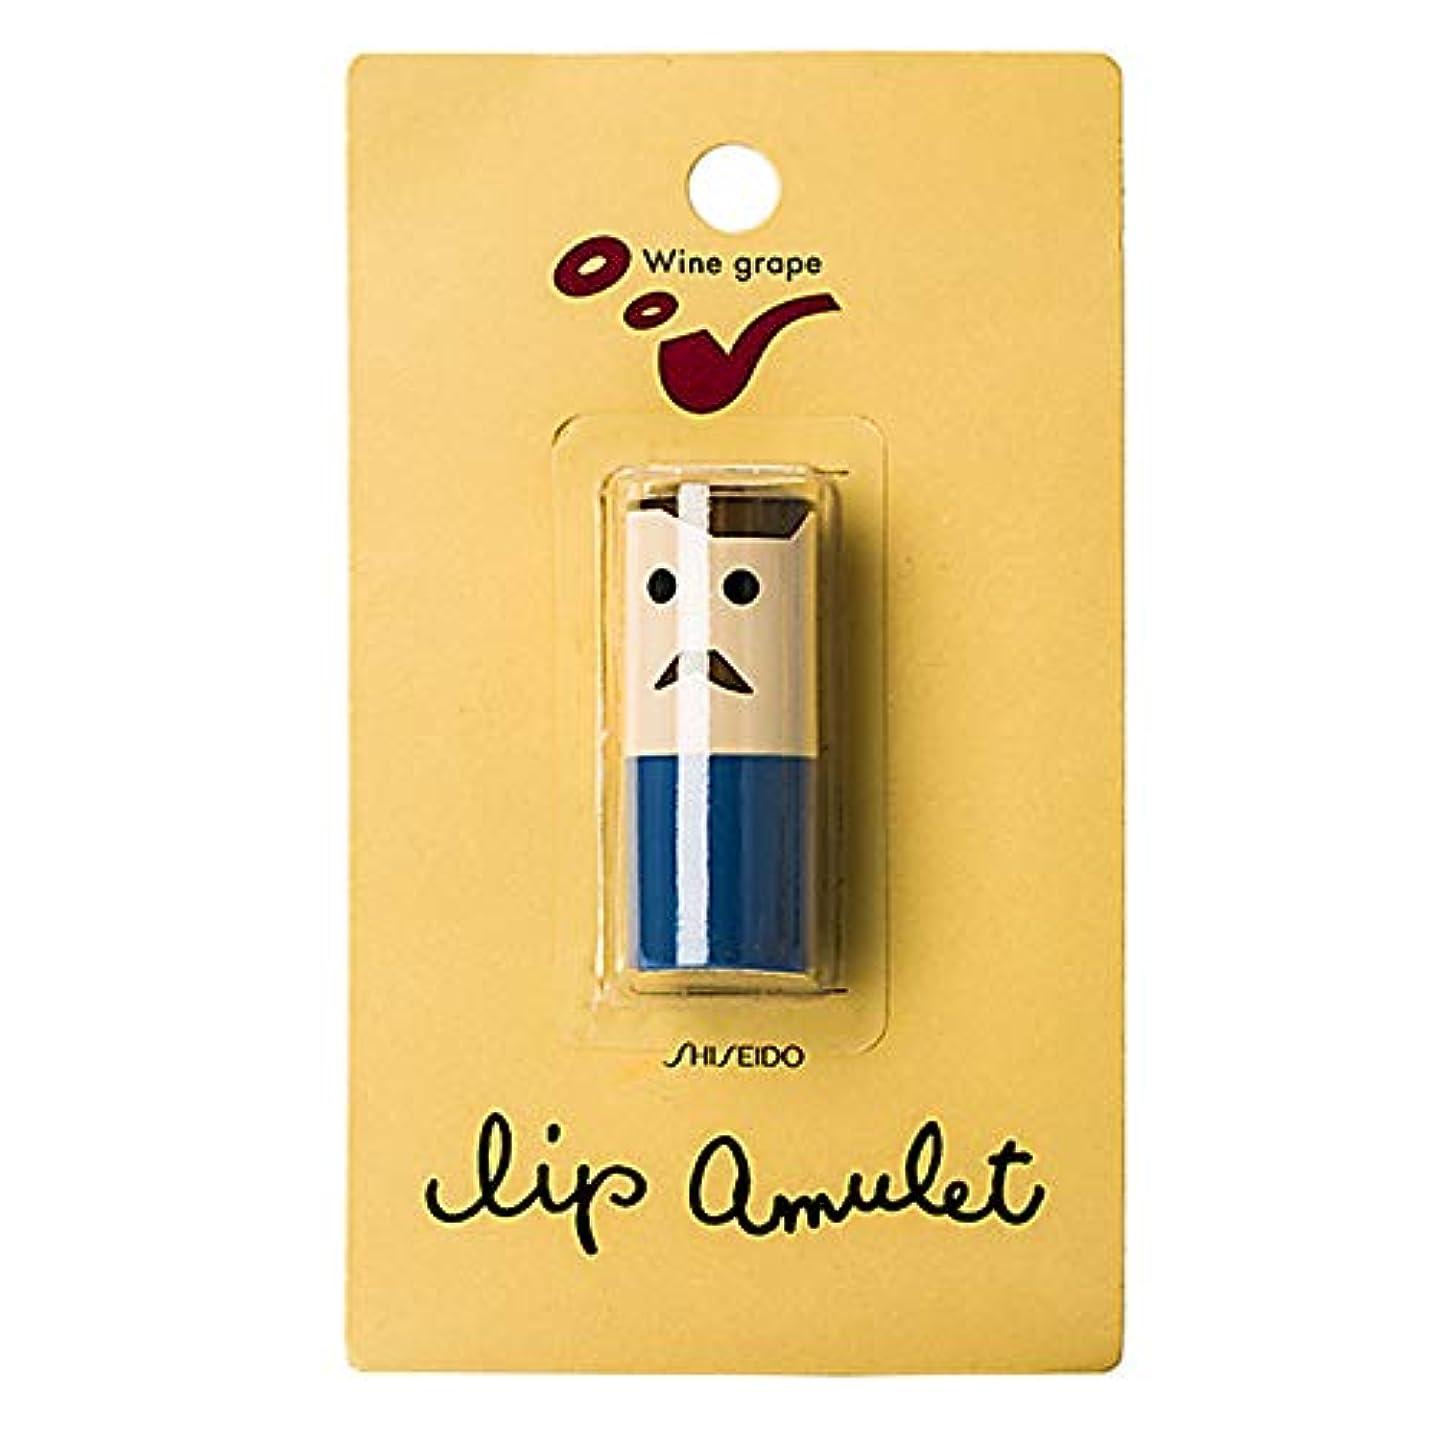 上流の教育する好奇心盛【台湾限定】資生堂 Shiseido リップアミュレット Lip Amulet お土産 コスメ 色つきリップ 単品 葡萄酒紅 (ワイングレープ) [並行輸入品]